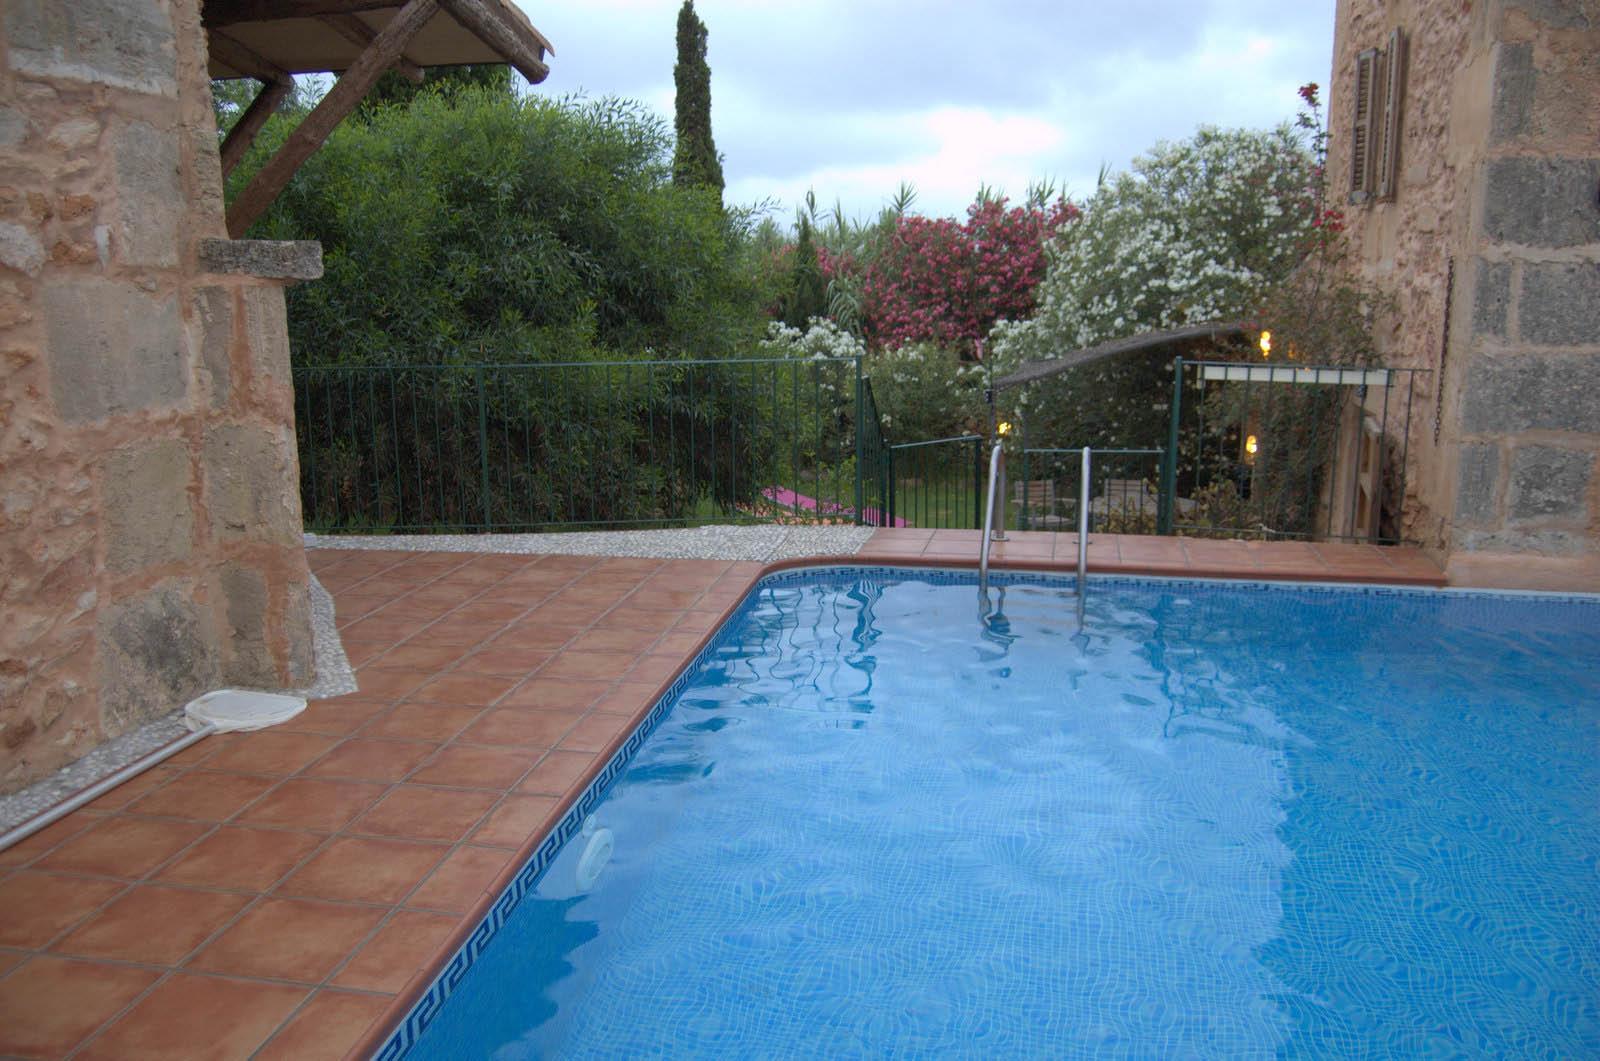 Piscinas en mallorca excellent piscinas mallorca with for Piscinas municipales palma